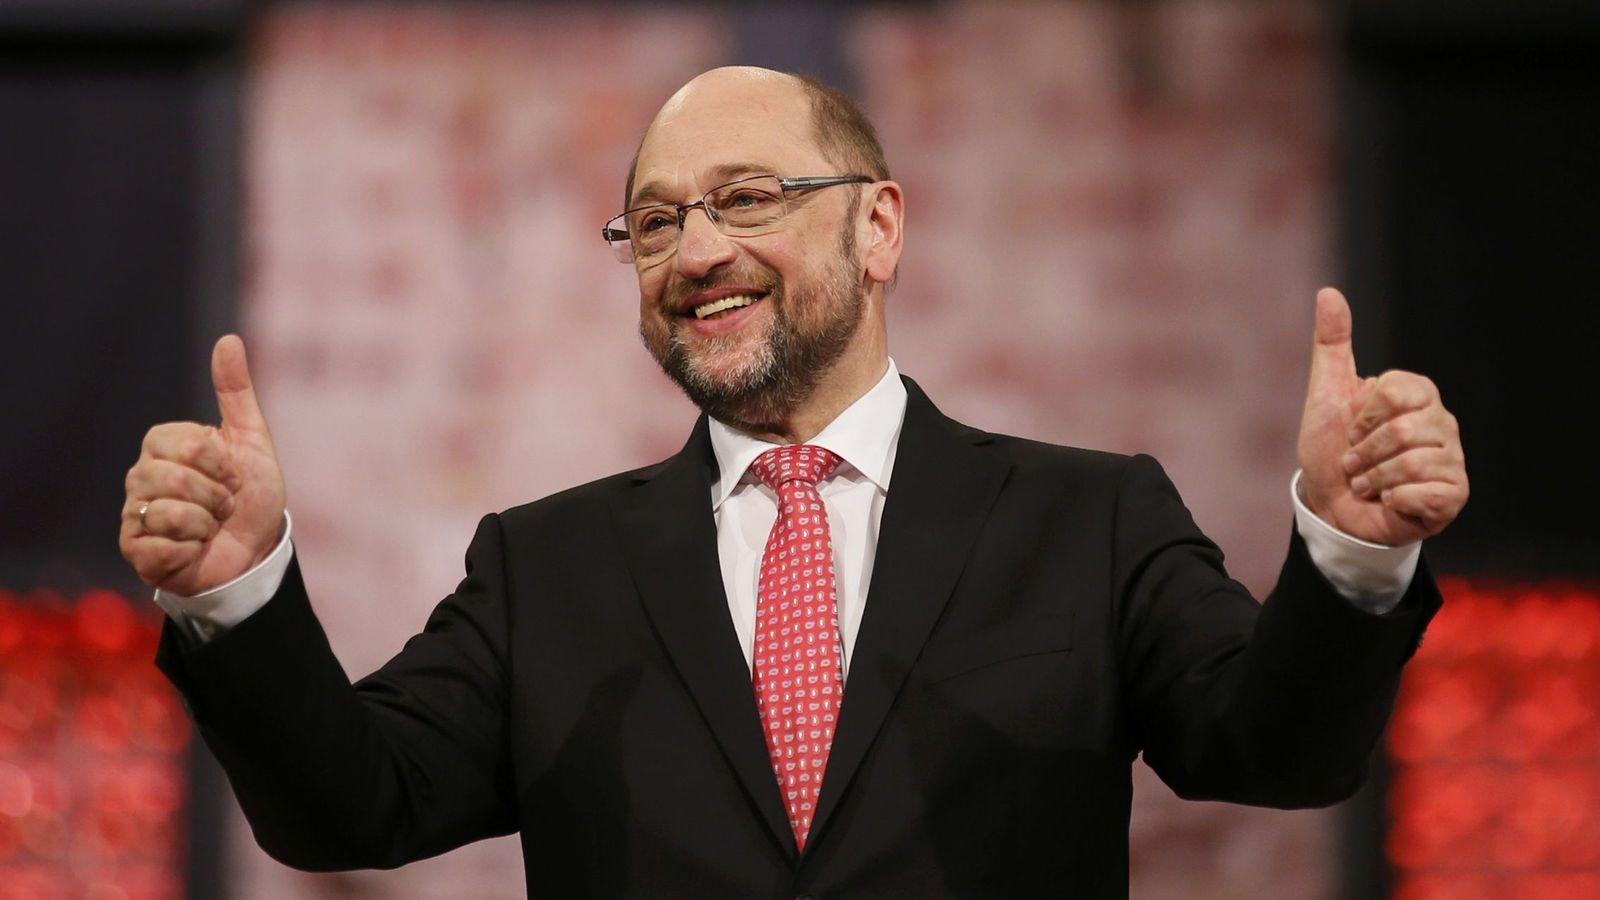 Foto: El recién elegido líder del Partido Socialdemócrata Alemán (SPD), Martin Schulz. (Reuters)